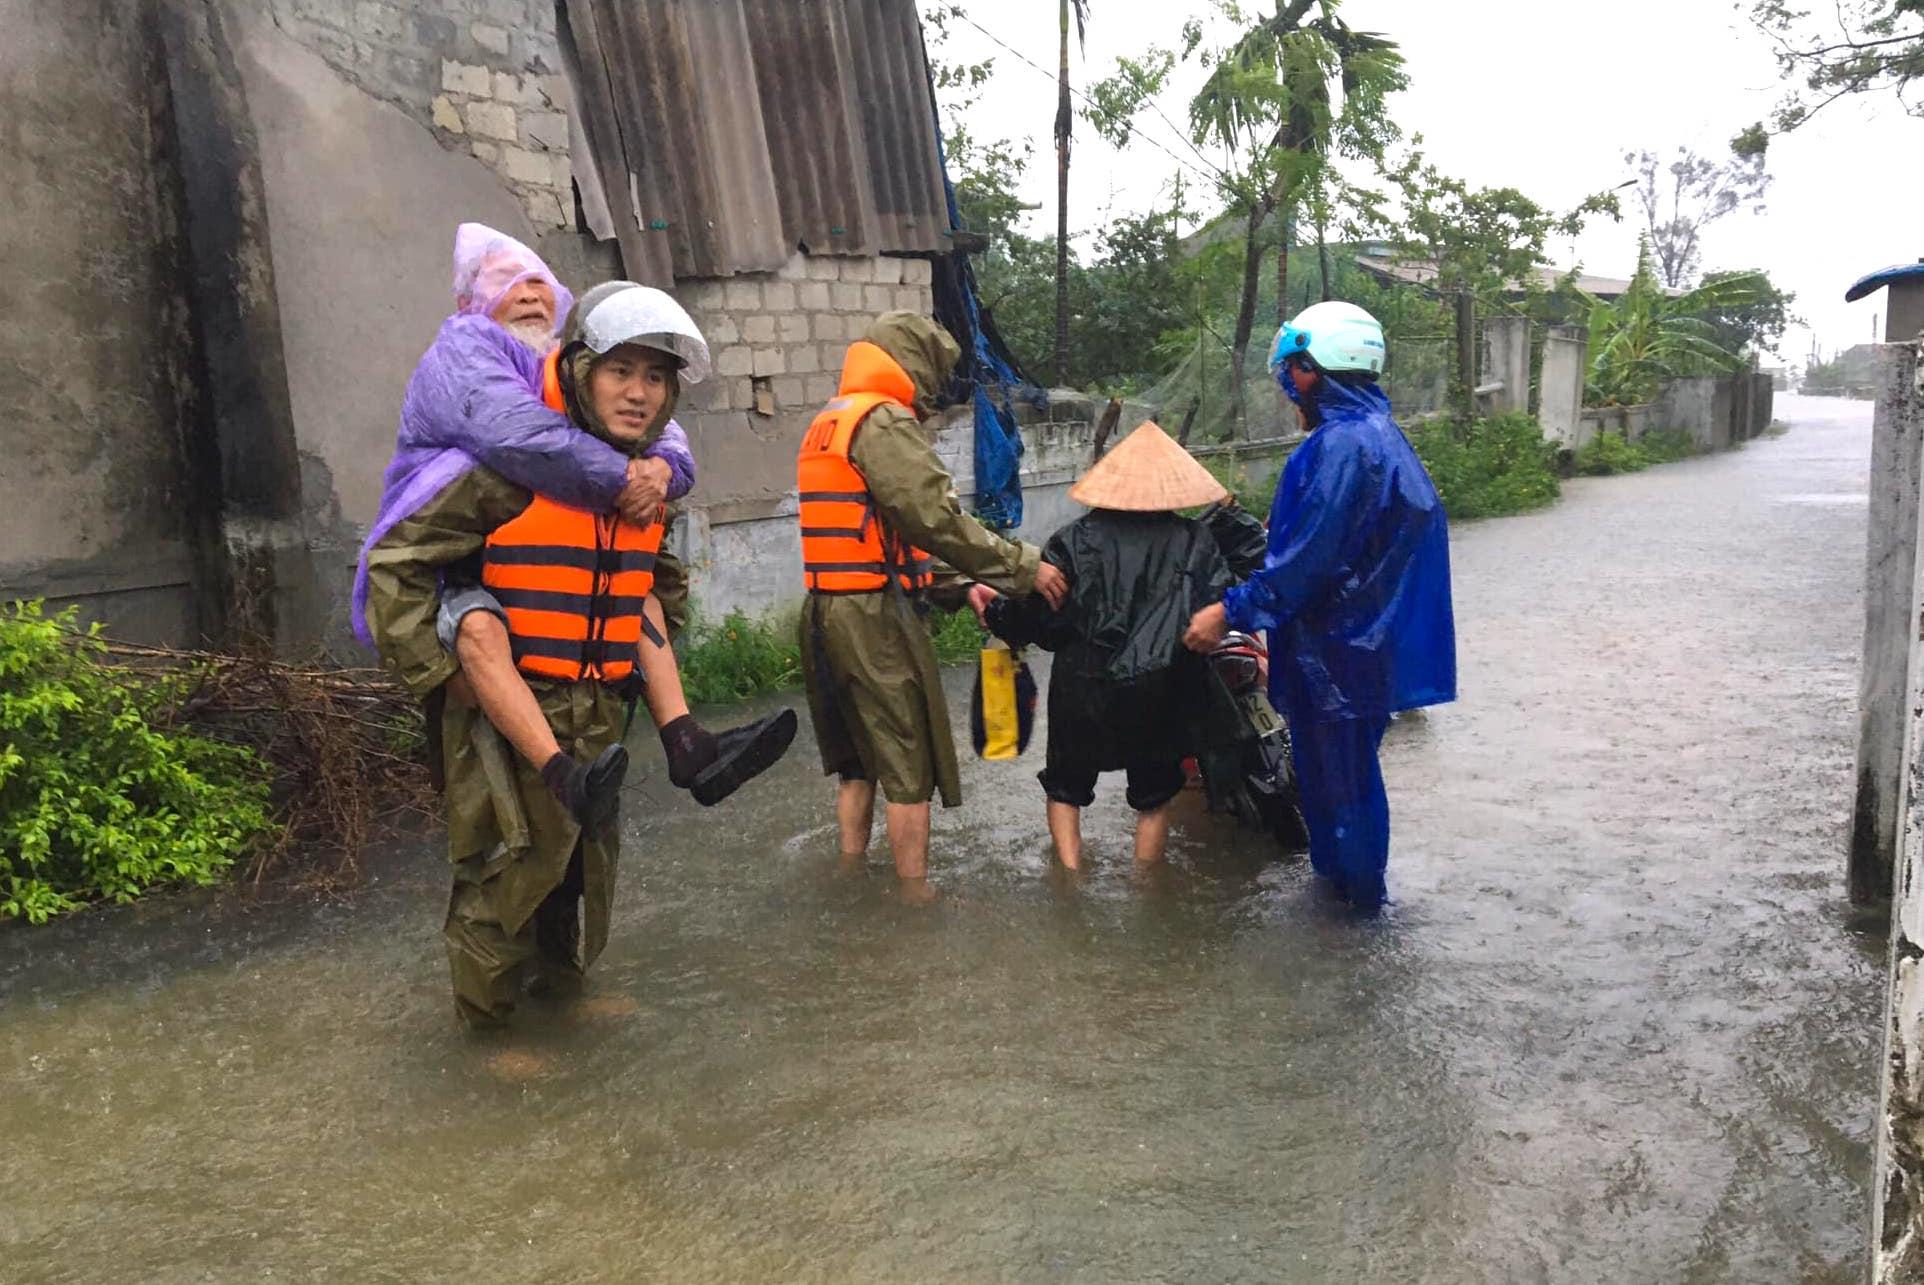 Hà Tĩnh ngập sâu, nước lũ đang lên nhanh, công an đến mọi ngóc ngách nhà dân sơ tán người - Ảnh 12.